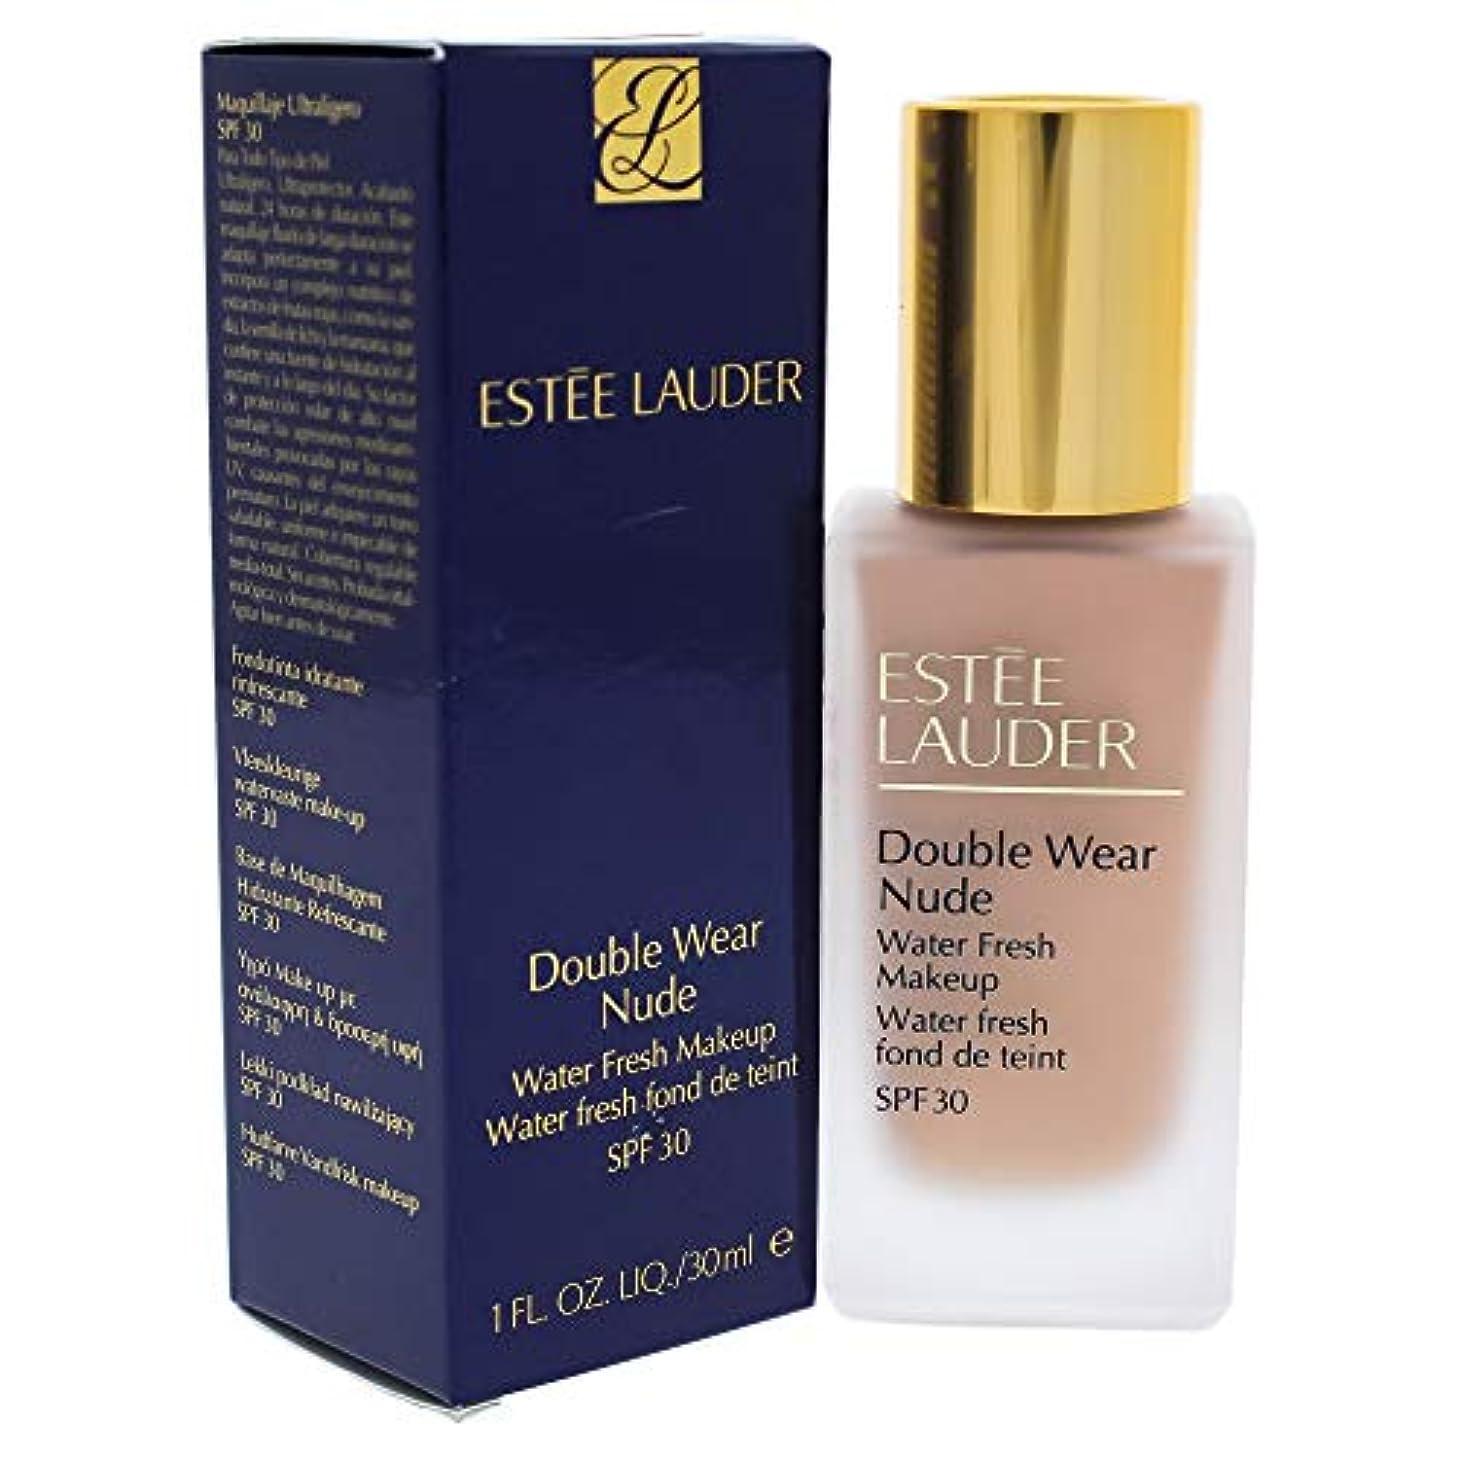 抑圧する暫定の予備エスティローダー Double Wear Nude Water Fresh Makeup SPF 30 - # 2C2 Pale Almond 30ml/1oz並行輸入品